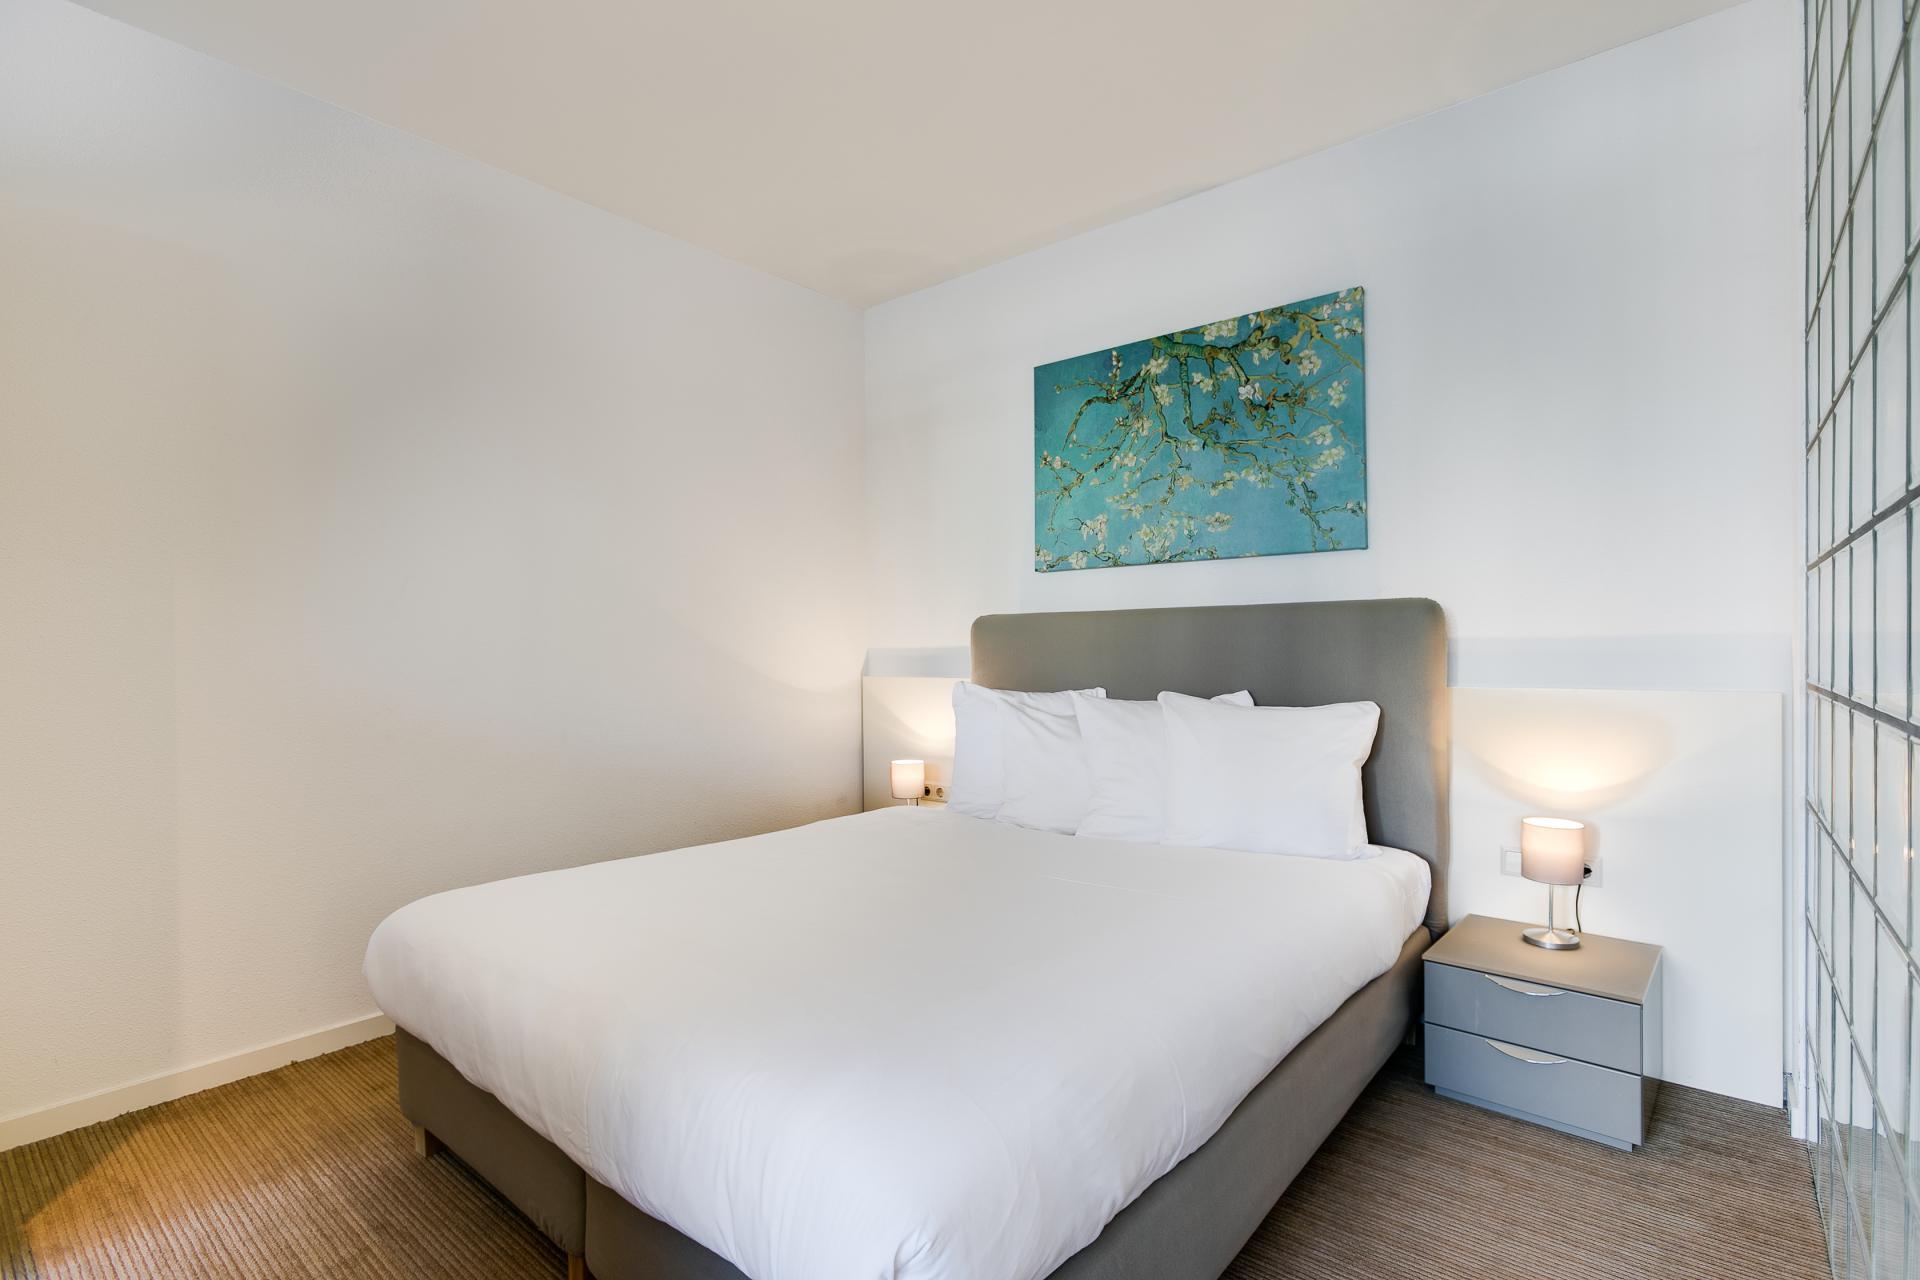 Bedroom at Htel Amstelveen, Amsterdam